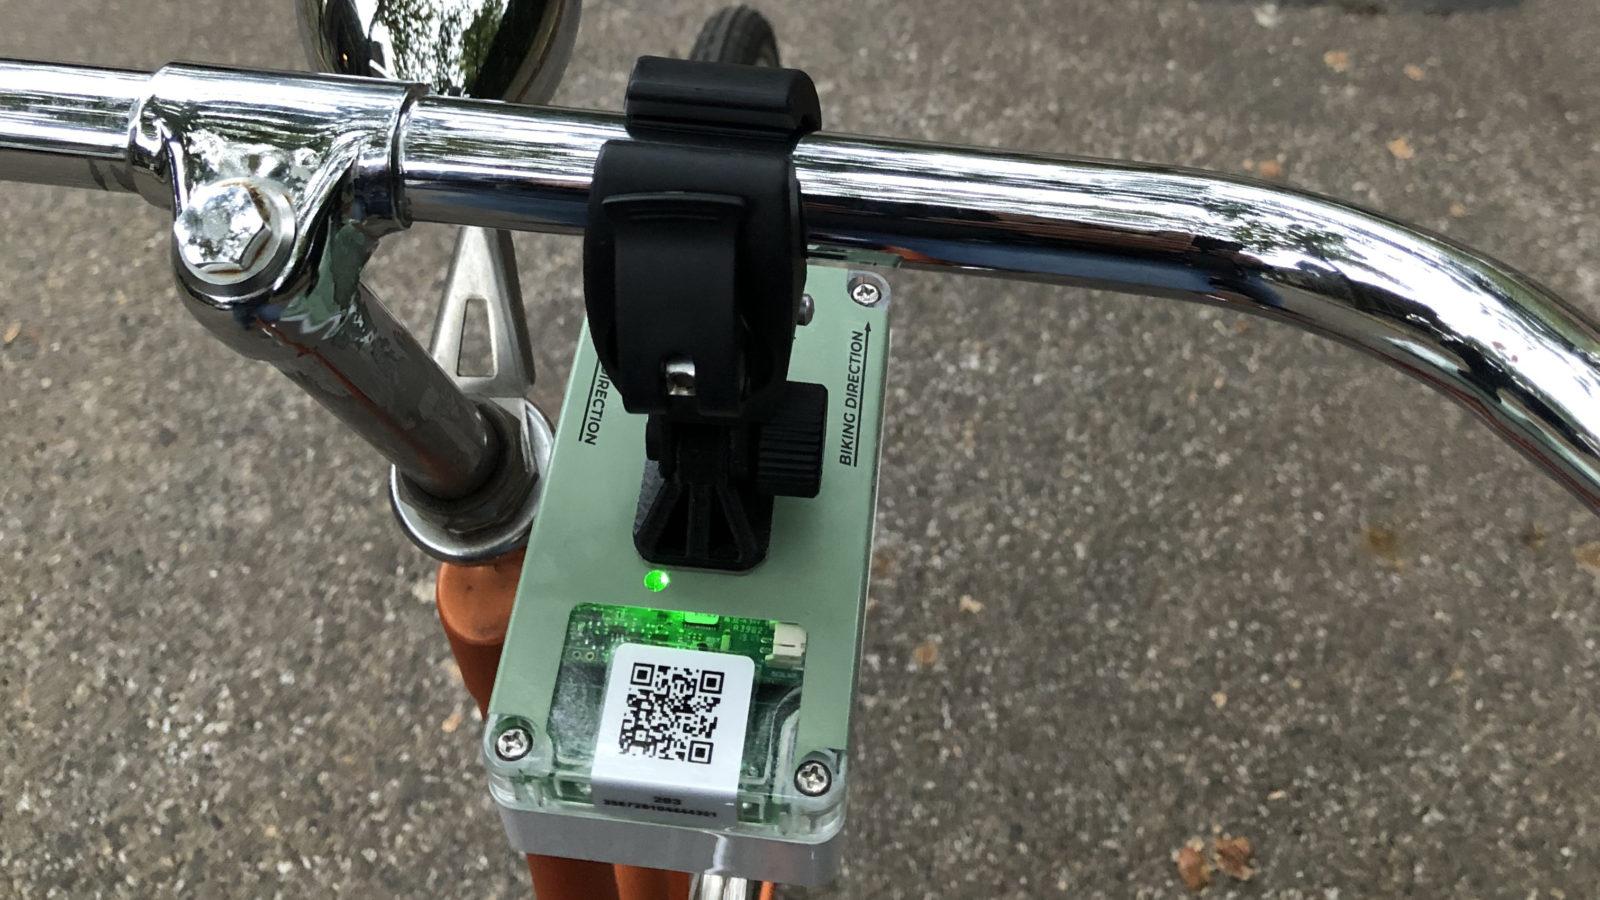 snuffelfiets-sensor-sodaq-civity